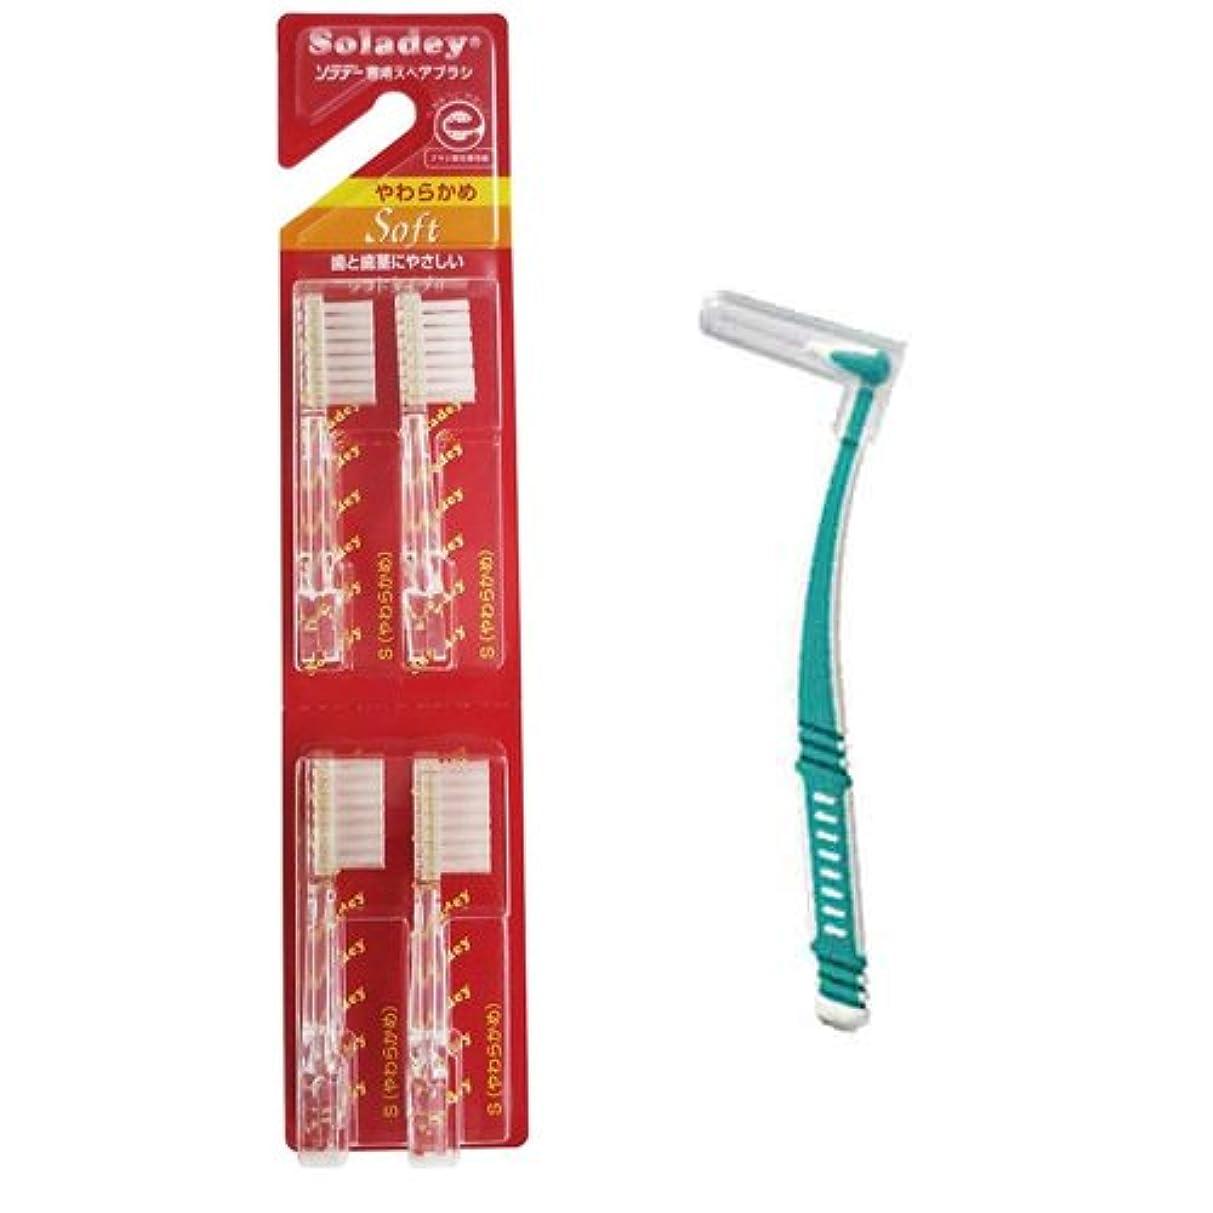 シケン ソラデー専用スペアブラシ レギュラー(やわらかめ) + L字歯間ブラシ セット